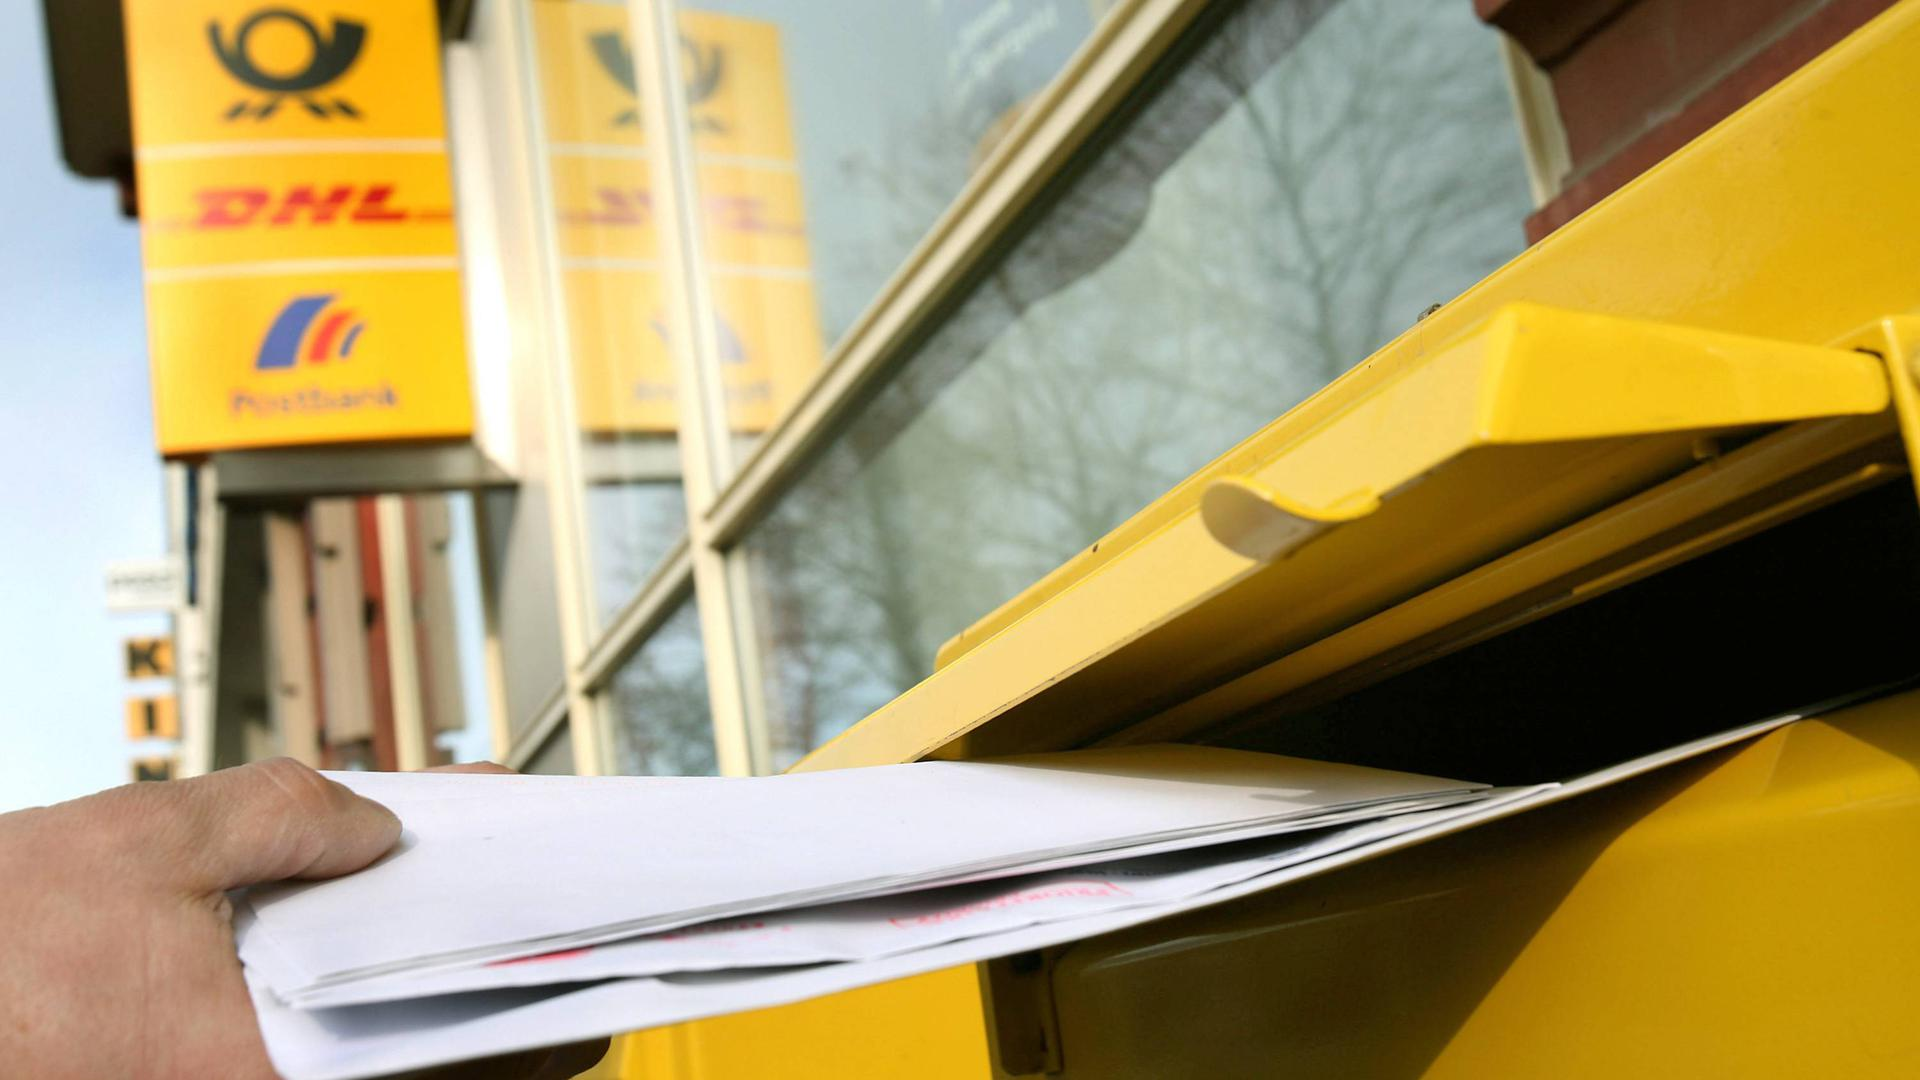 ARCHIV - 19.03.2007, Nordrhein-Westfalen, Köln: Briefe werden in einen Briefkasten geworfen. (zu dpa «Post-Chef Appel: «Steigendes Porto ist eine logische Konsequenz»» vom 08.12.2018) Foto: Oliver Berg/dpa +++ dpa-Bildfunk +++   Verwendung weltweit